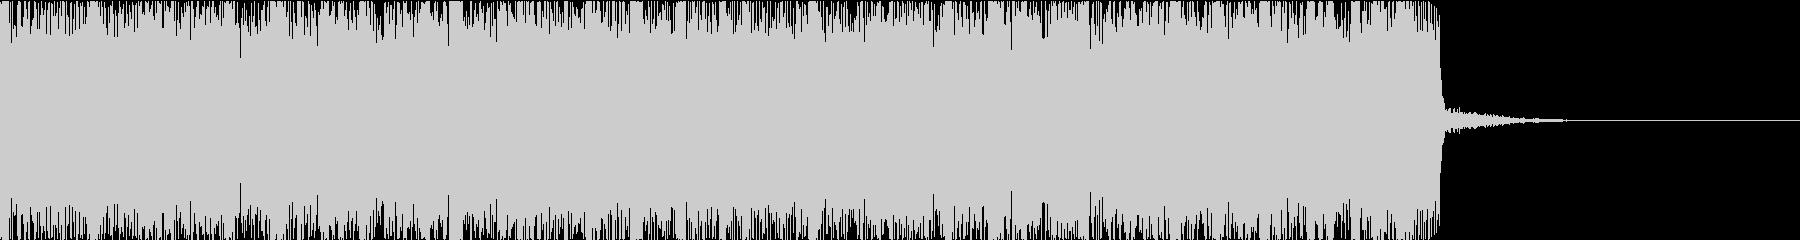 燃えたぎるハードロックメタルのジングルdの未再生の波形